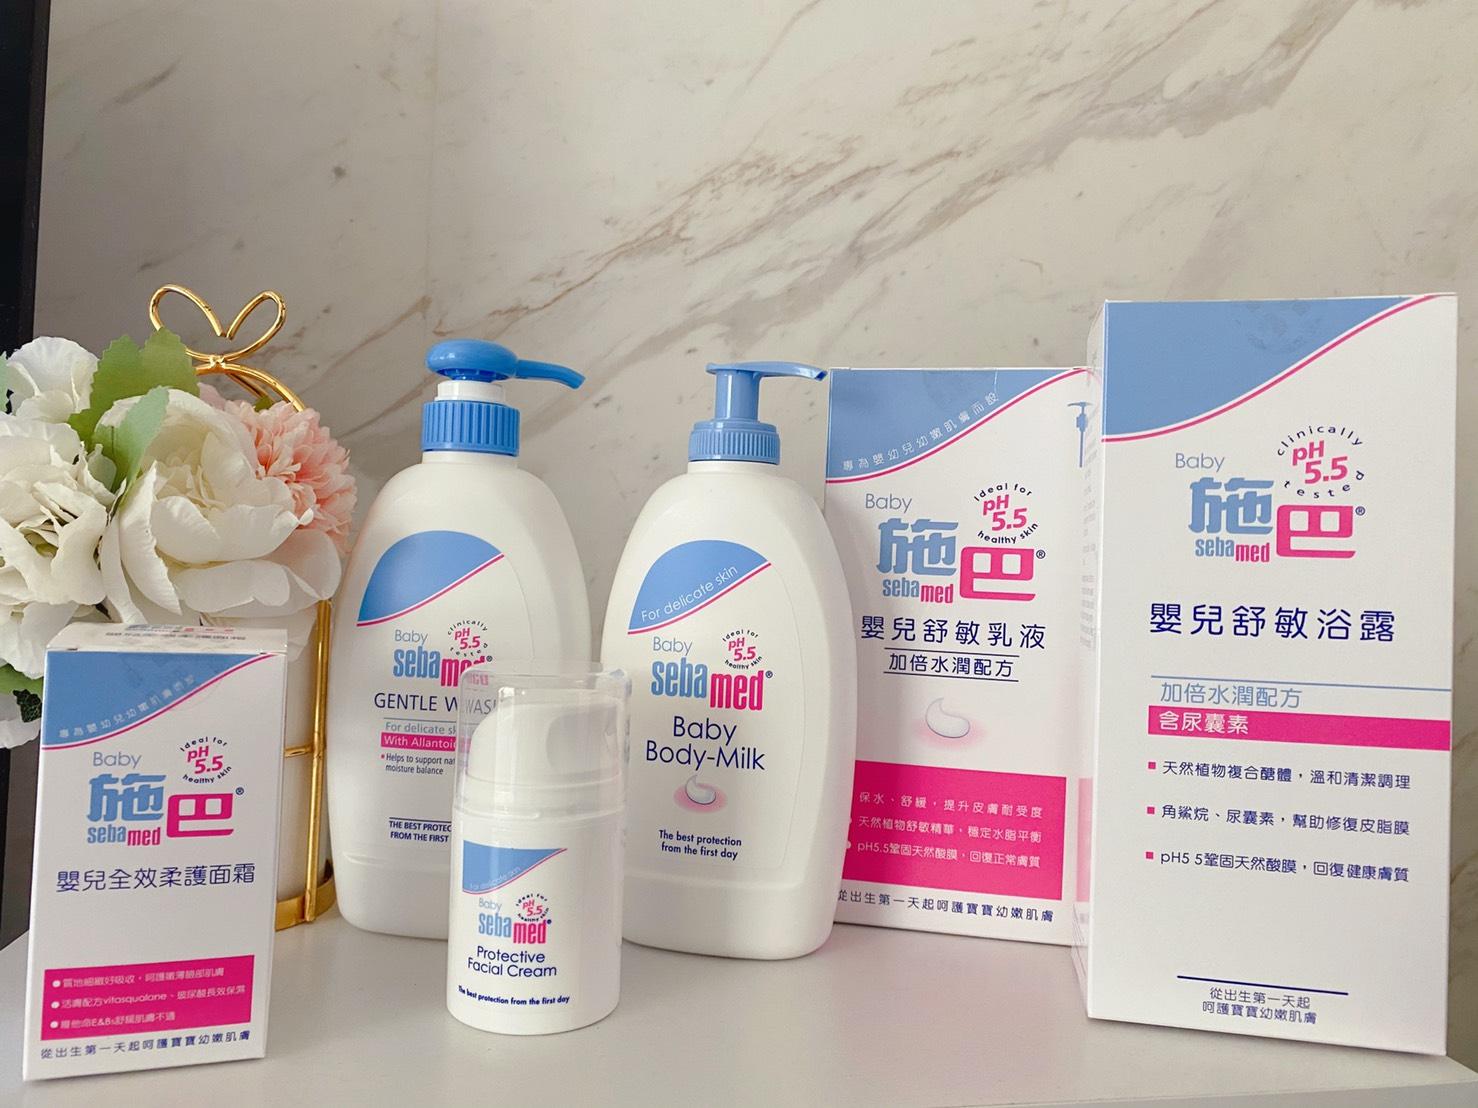 【育兒好物】施巴舒敏浴露、舒敏乳液 幫寶寶打造超強保護膜的最佳首選